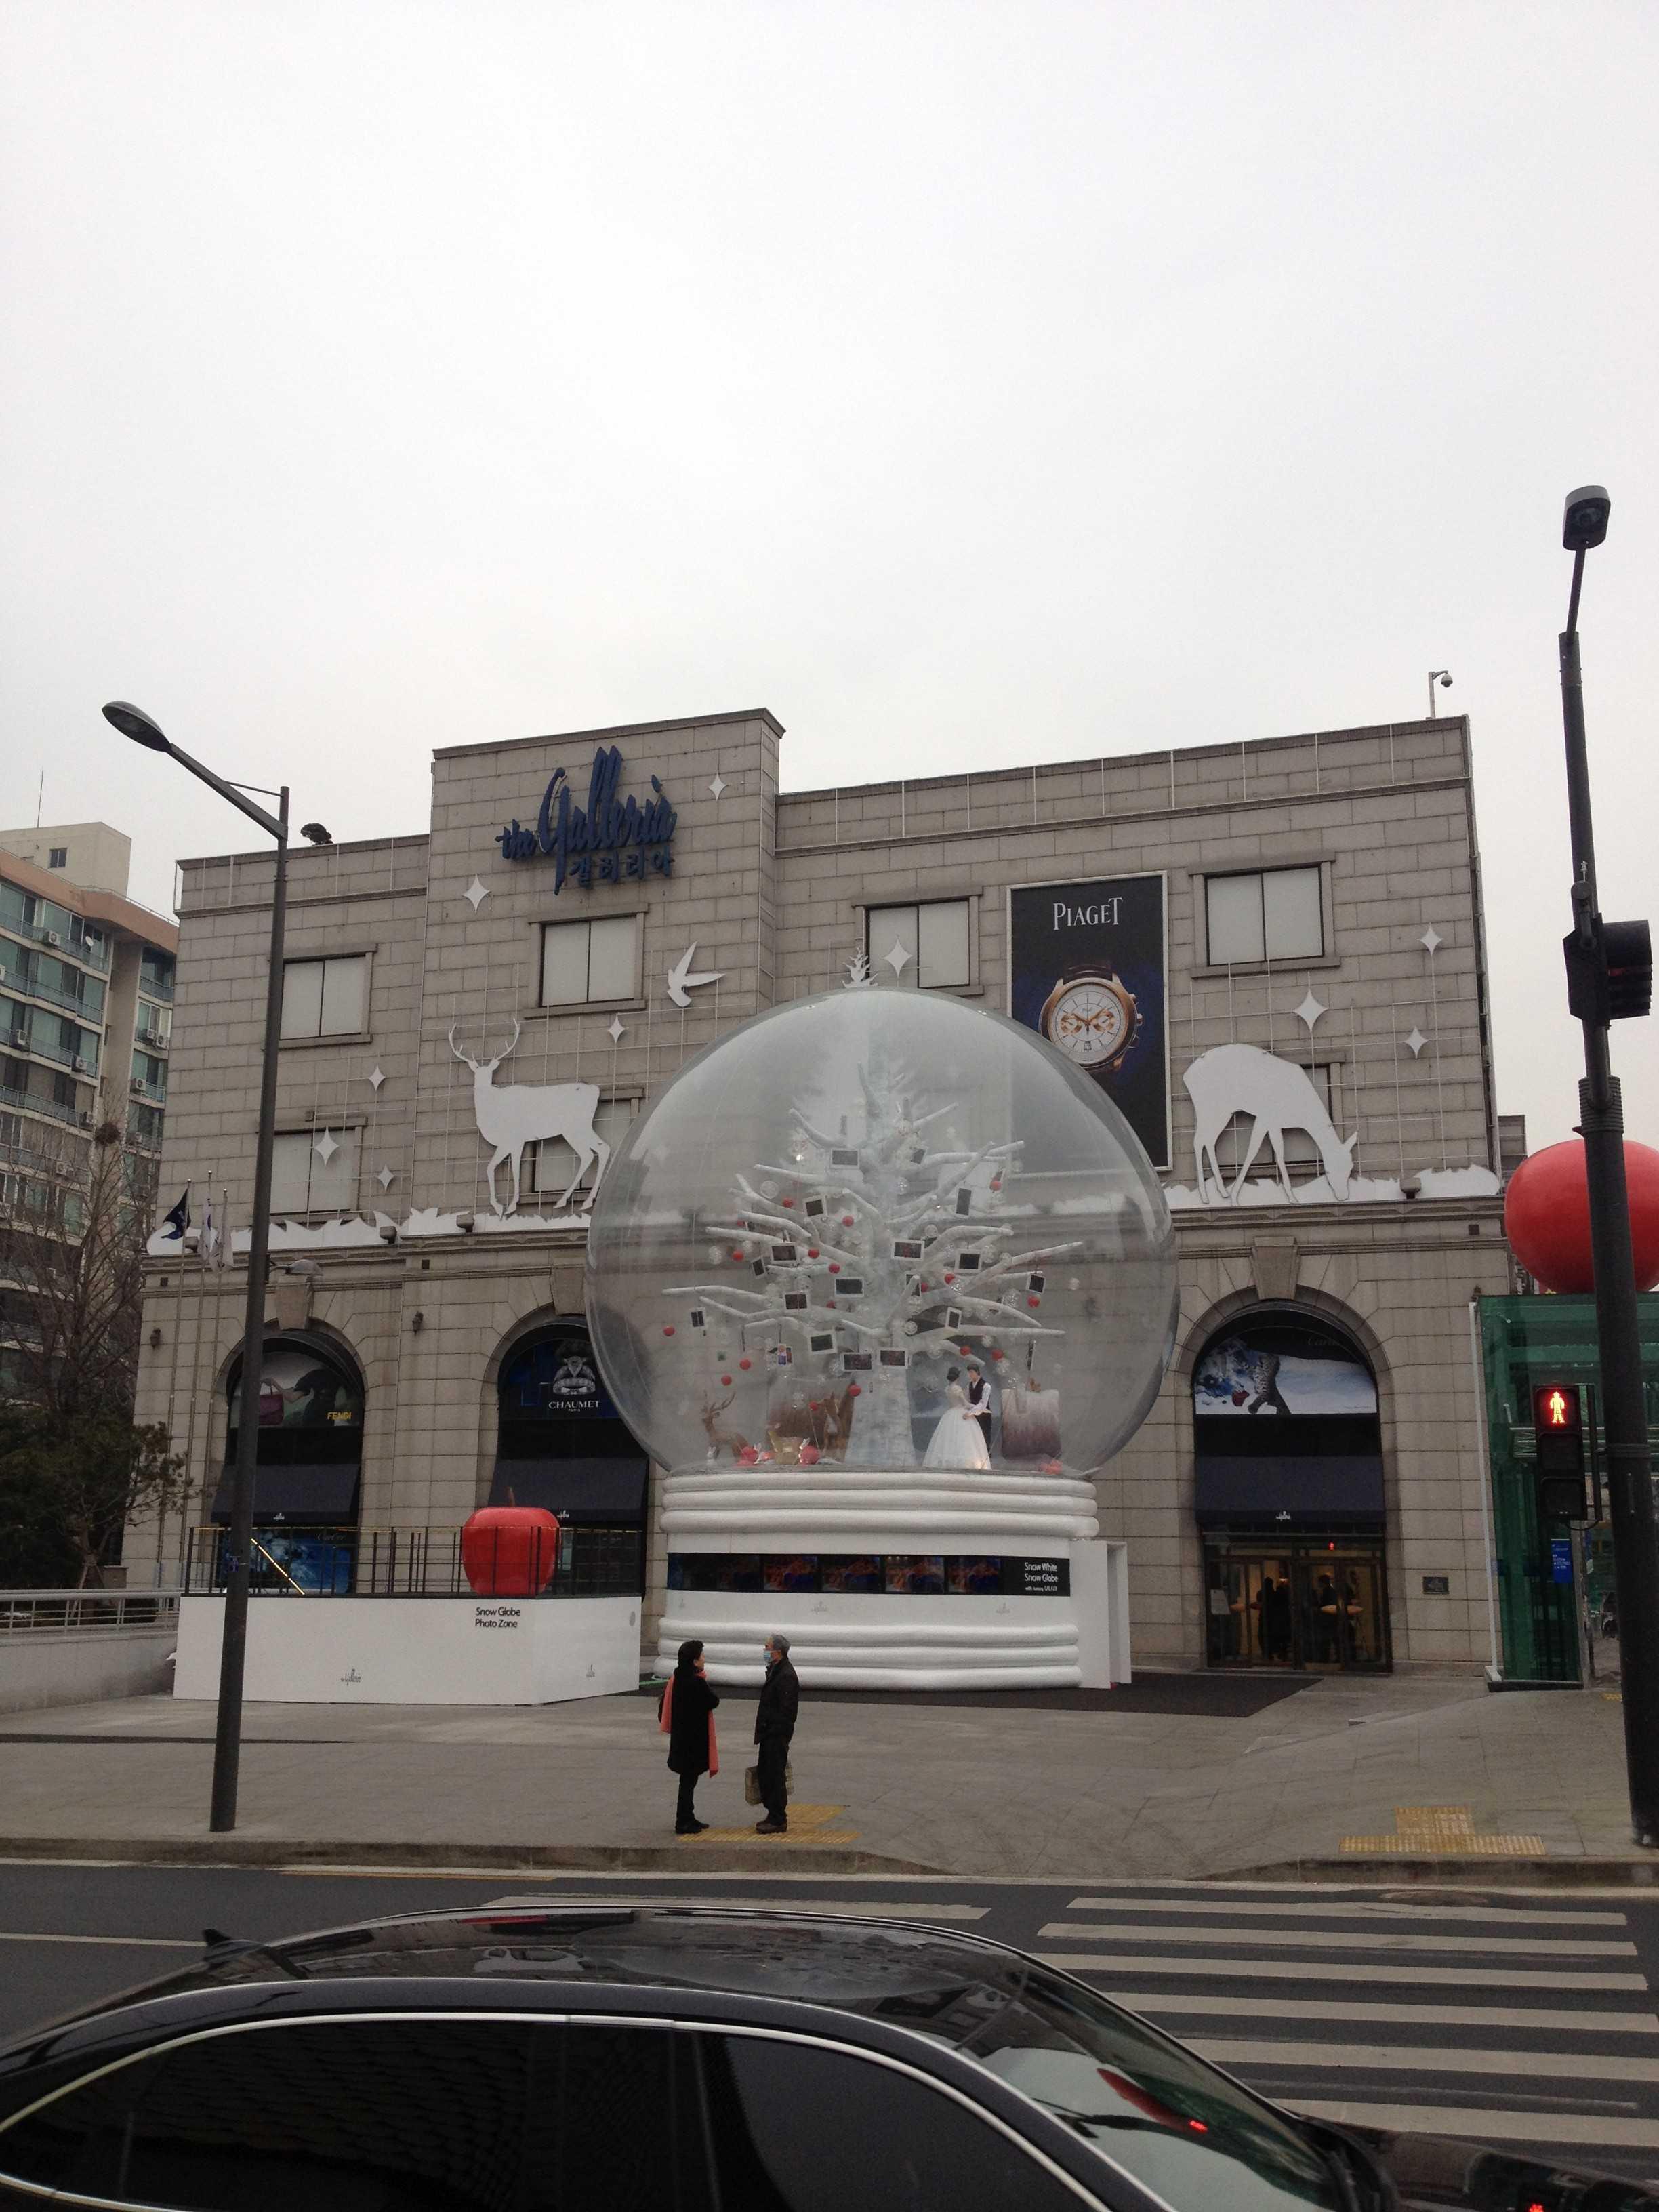 Galleria Piaget